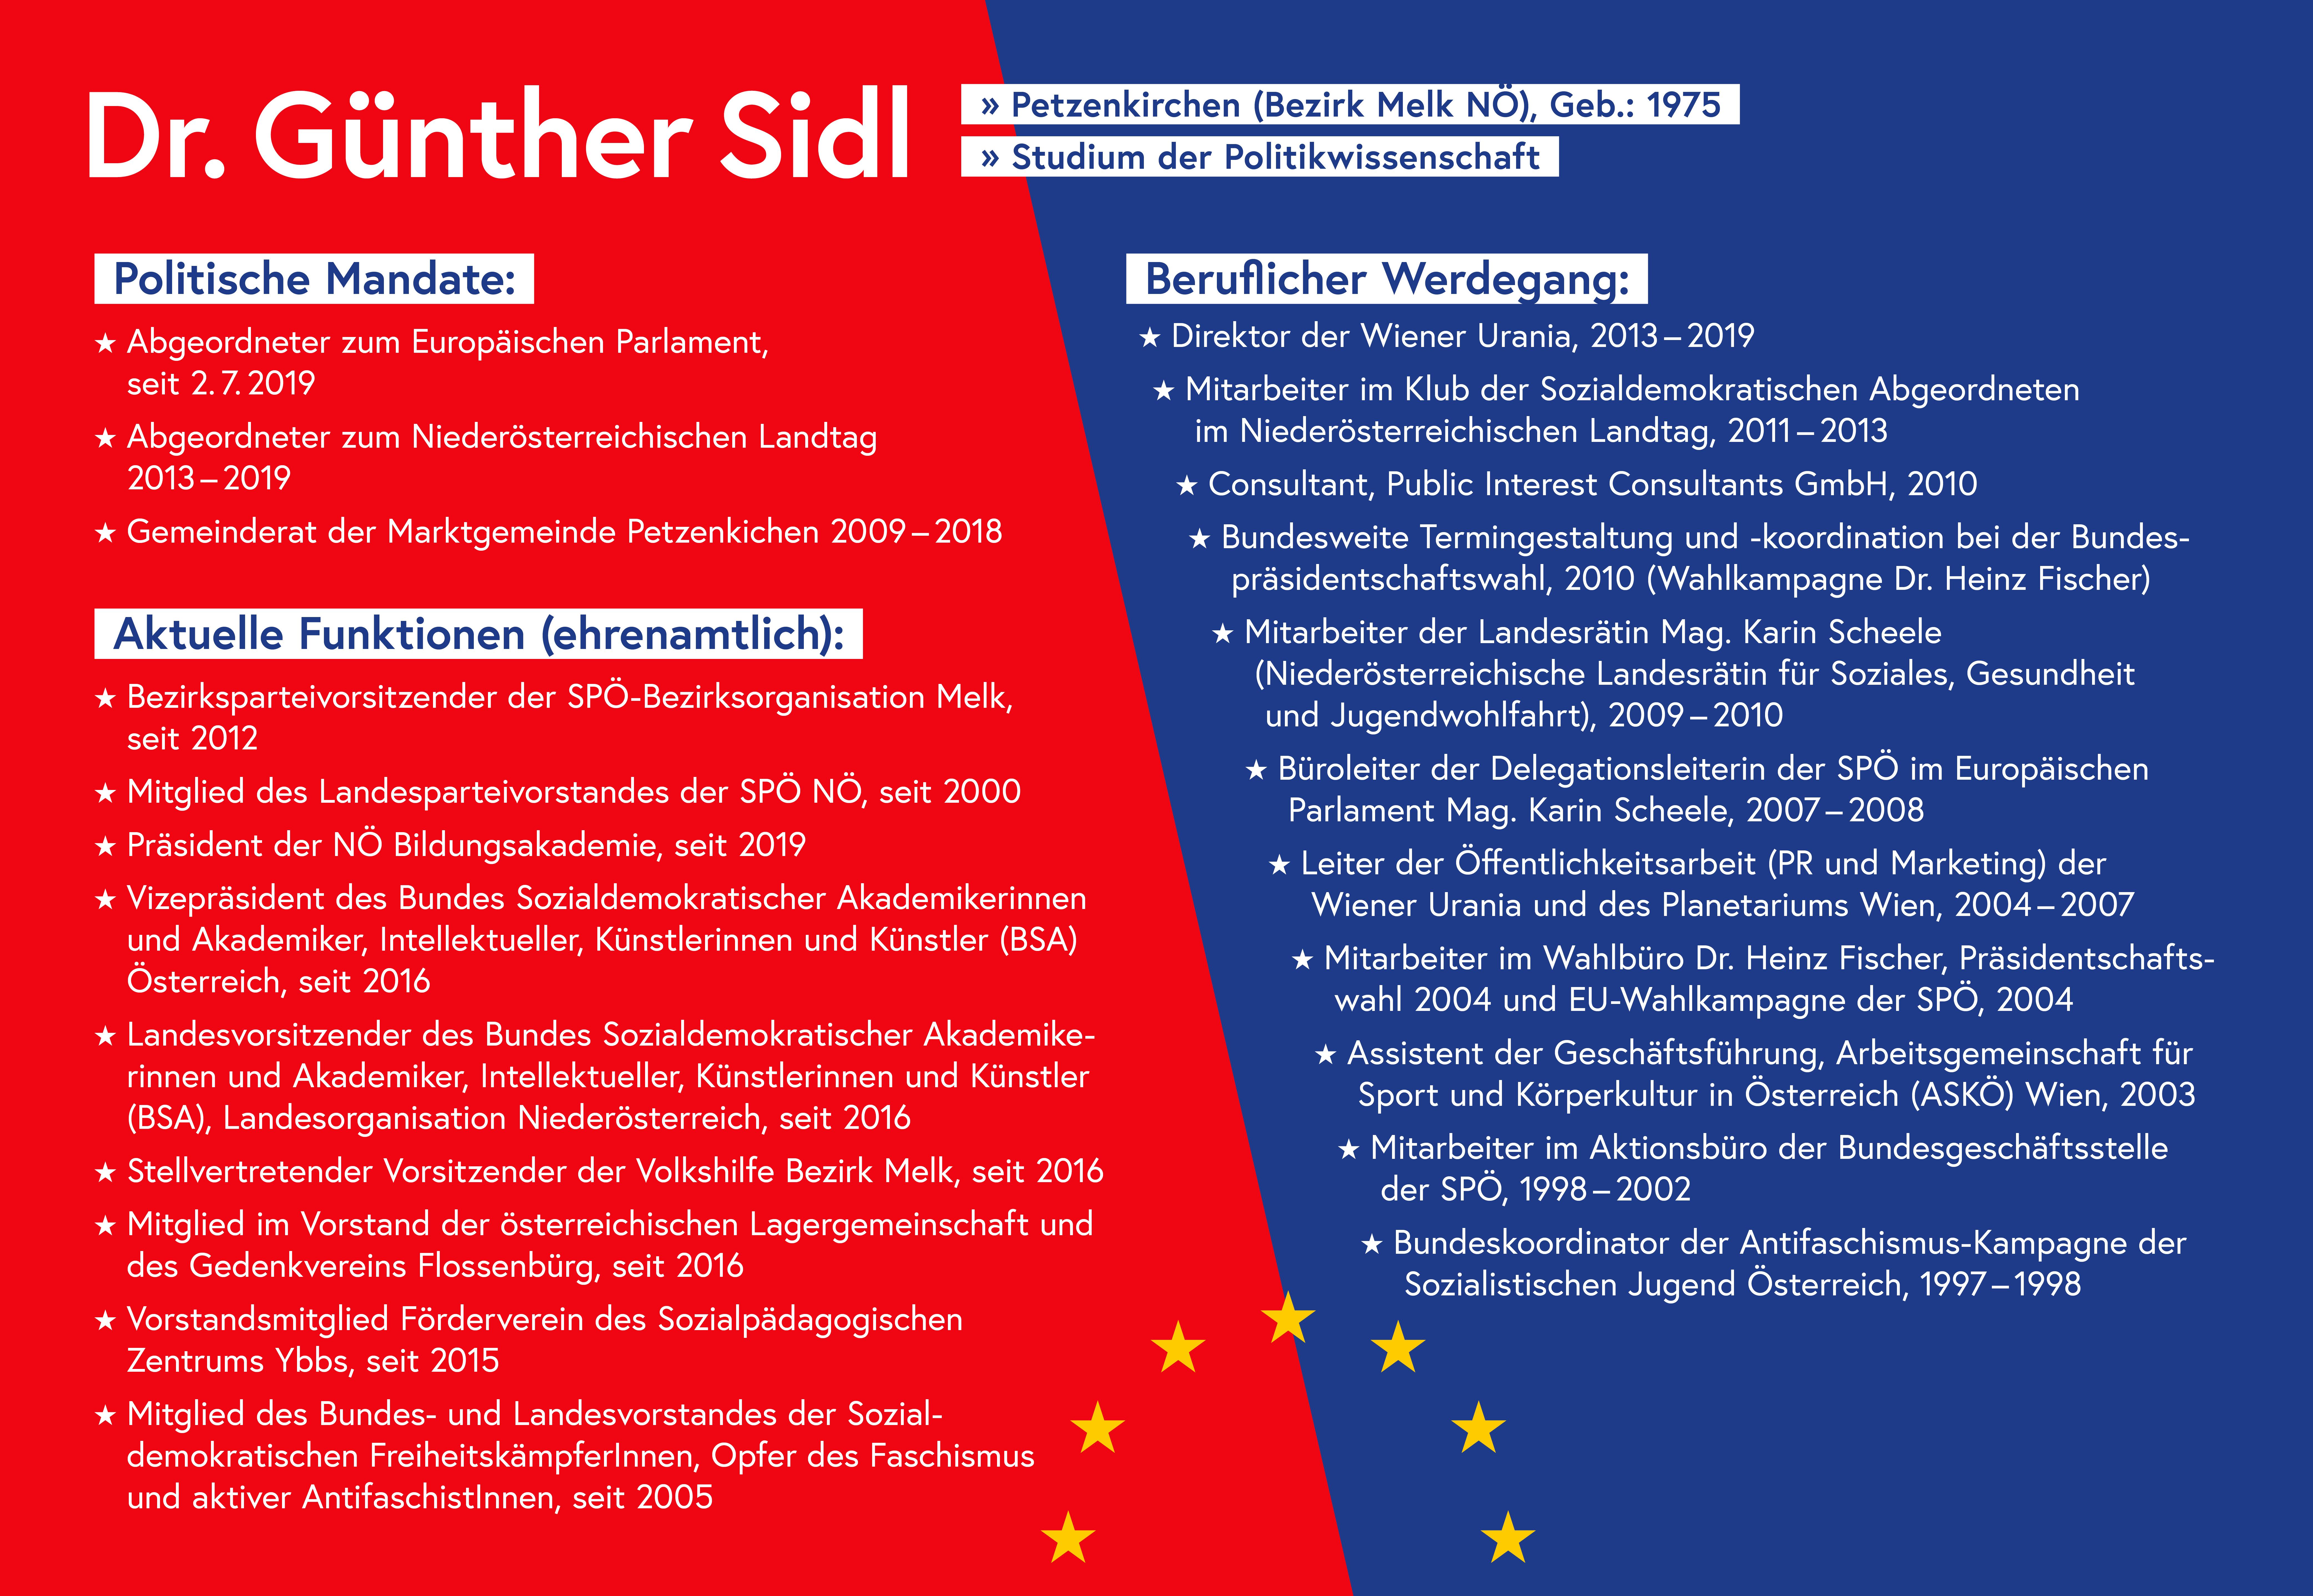 Dr- Günther Sidl ist Abgeordneter zum Europäischen Parlament.  Hier finden Sie alle Informationen über seine politischen Funktionen und seinen beruflichen Werdegang.